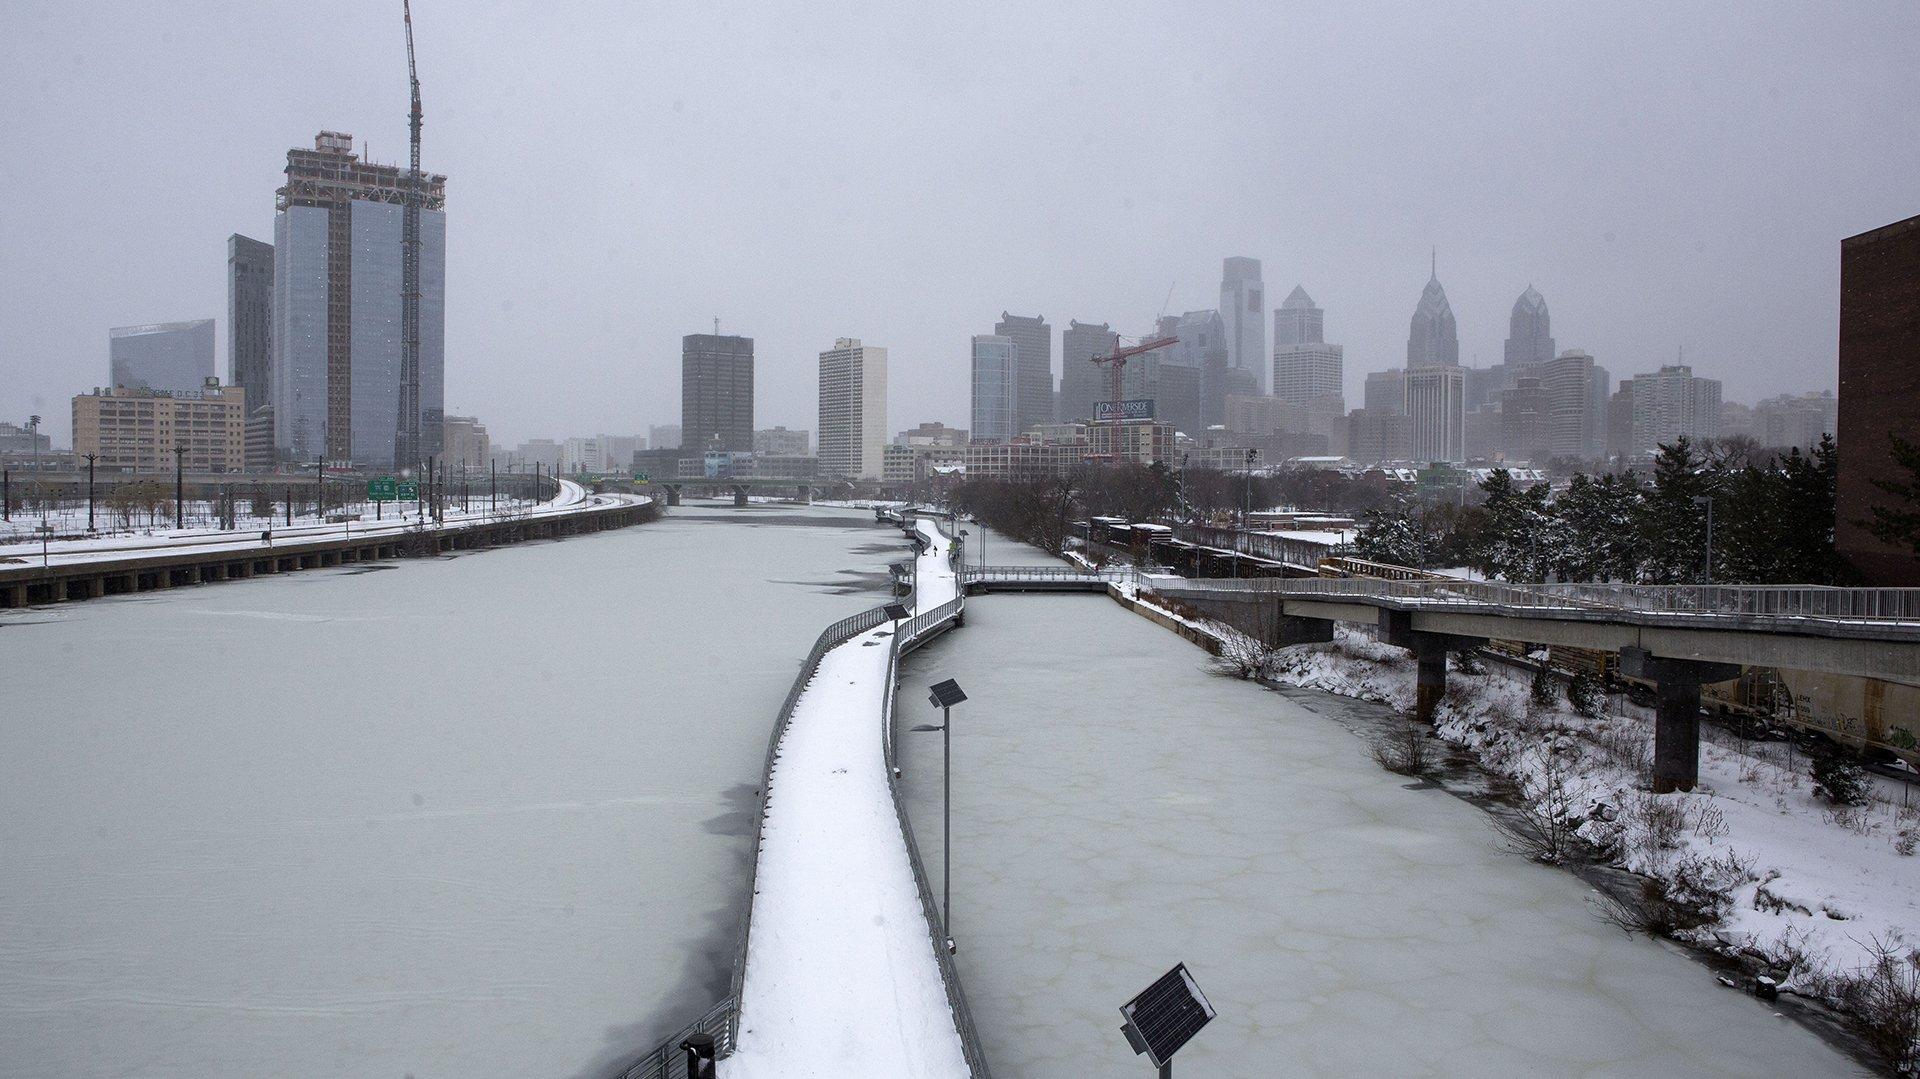 Una vista del río Schuylkill congelado y la ciudad de Filadelfia, Pensilvania